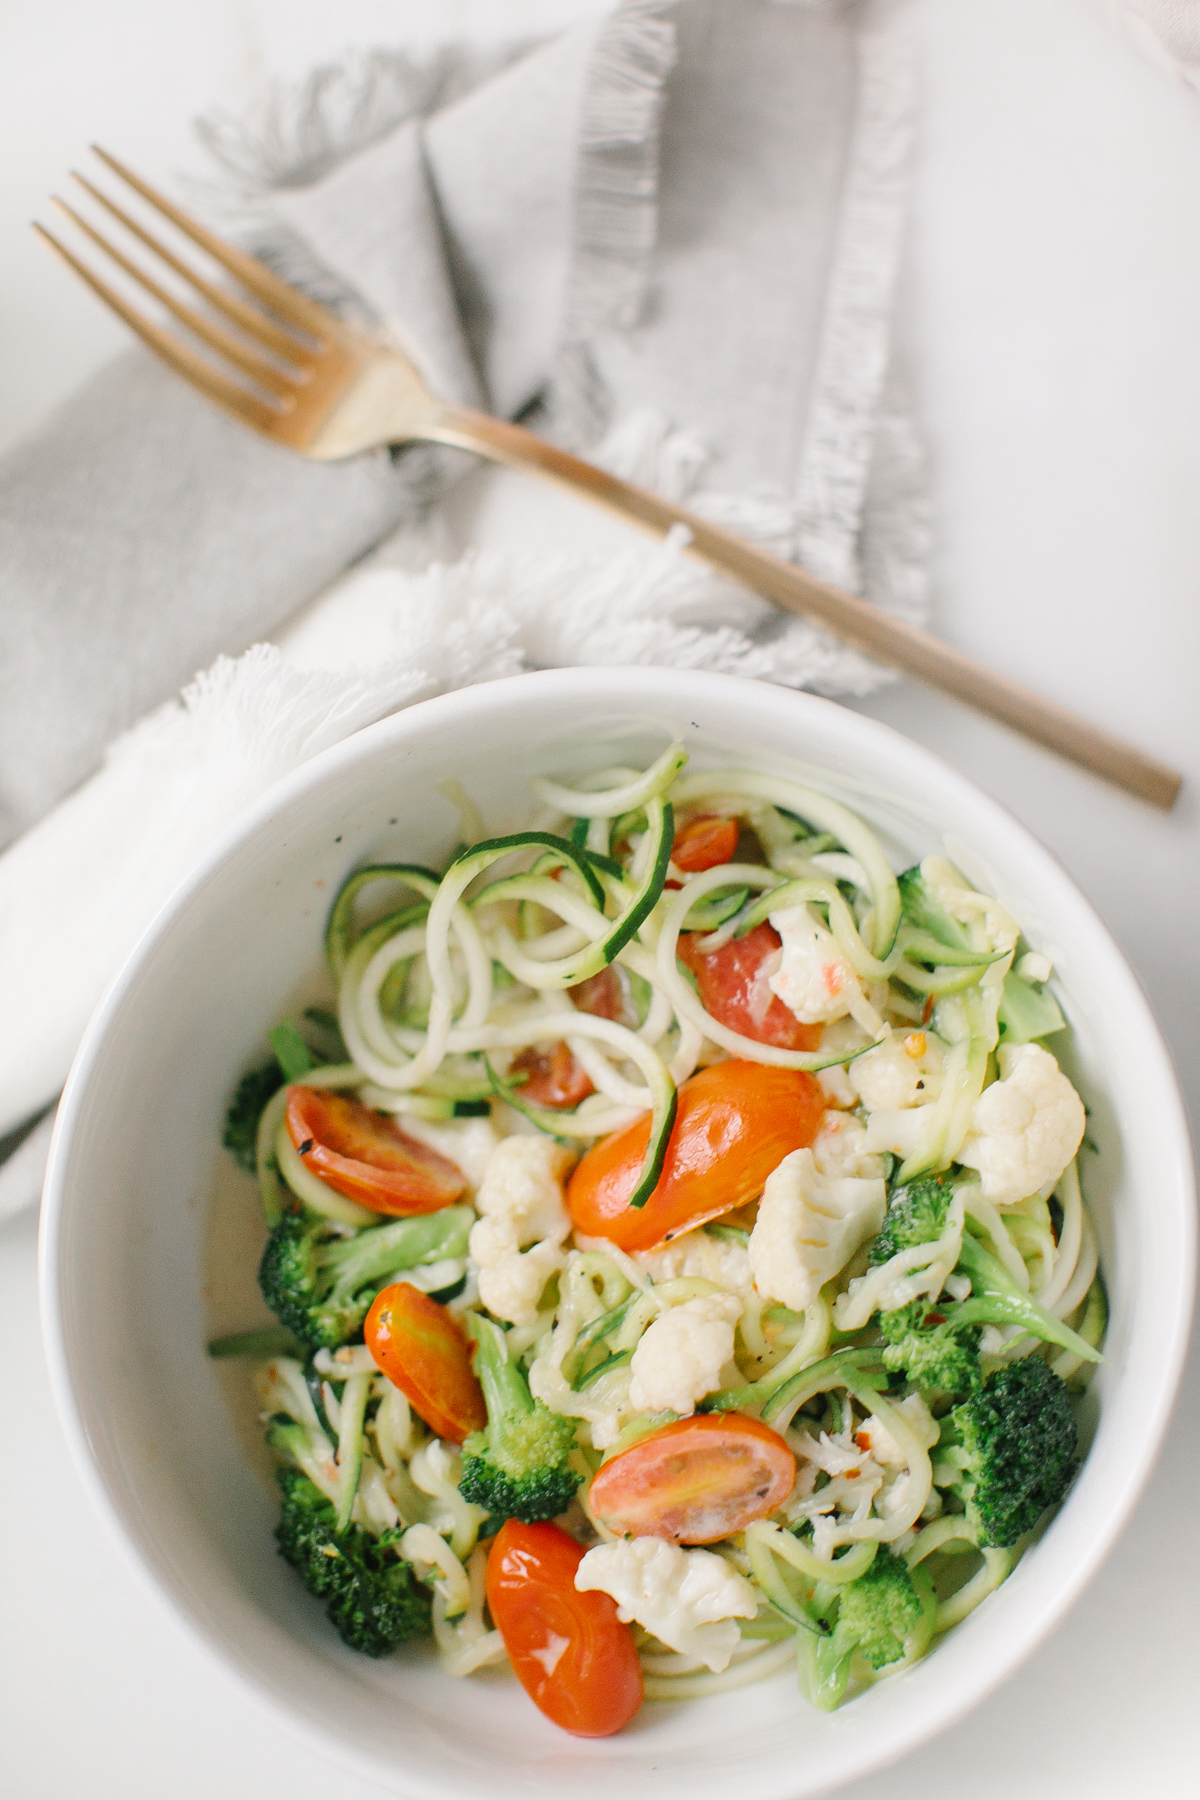 Quick Coconut Cream Zucchini Noodle Pasta